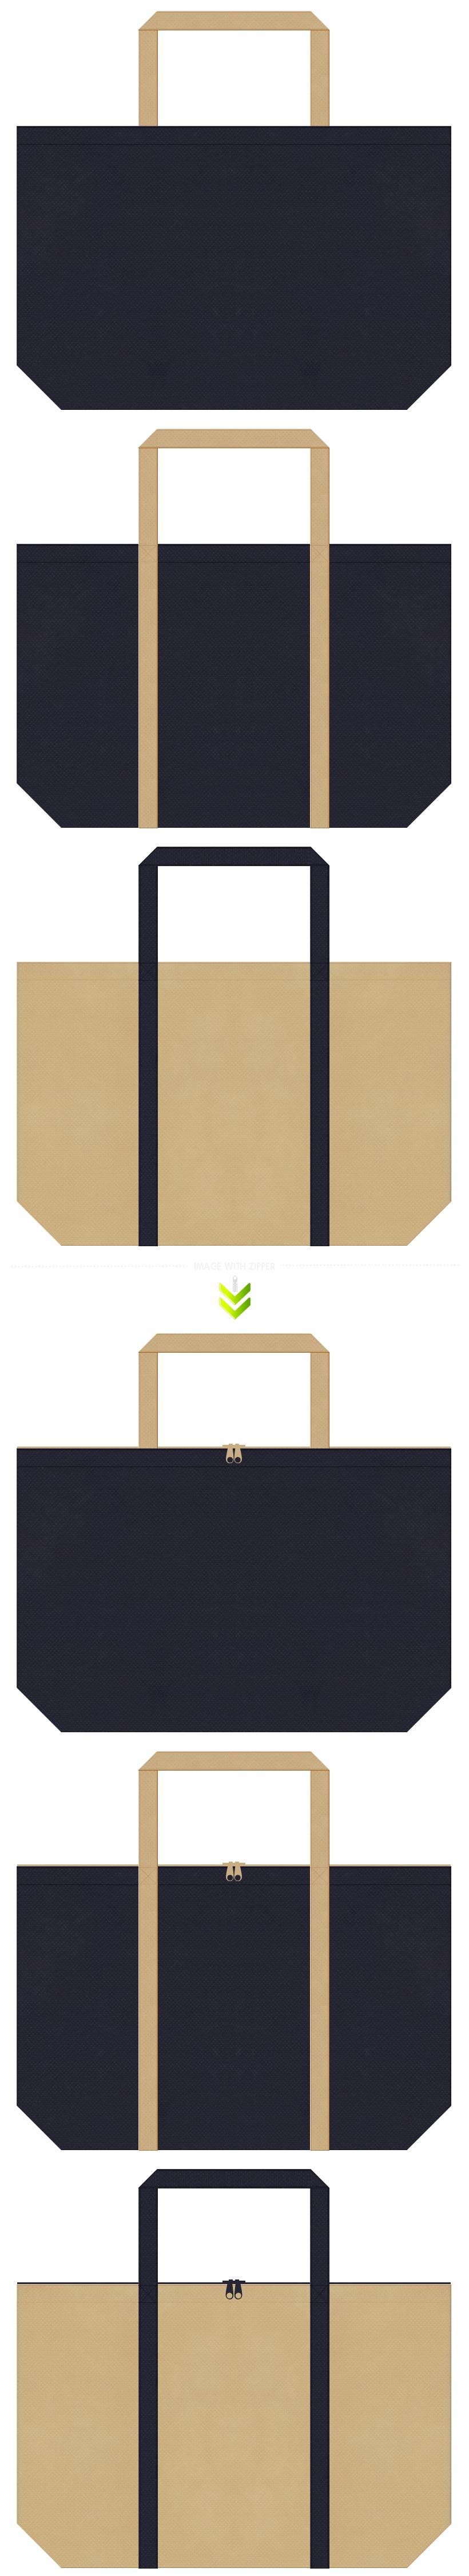 濃紺色とカーキ色の不織布エコバッグのデザイン。カジュアルのショッピングバッグにお奨めです。